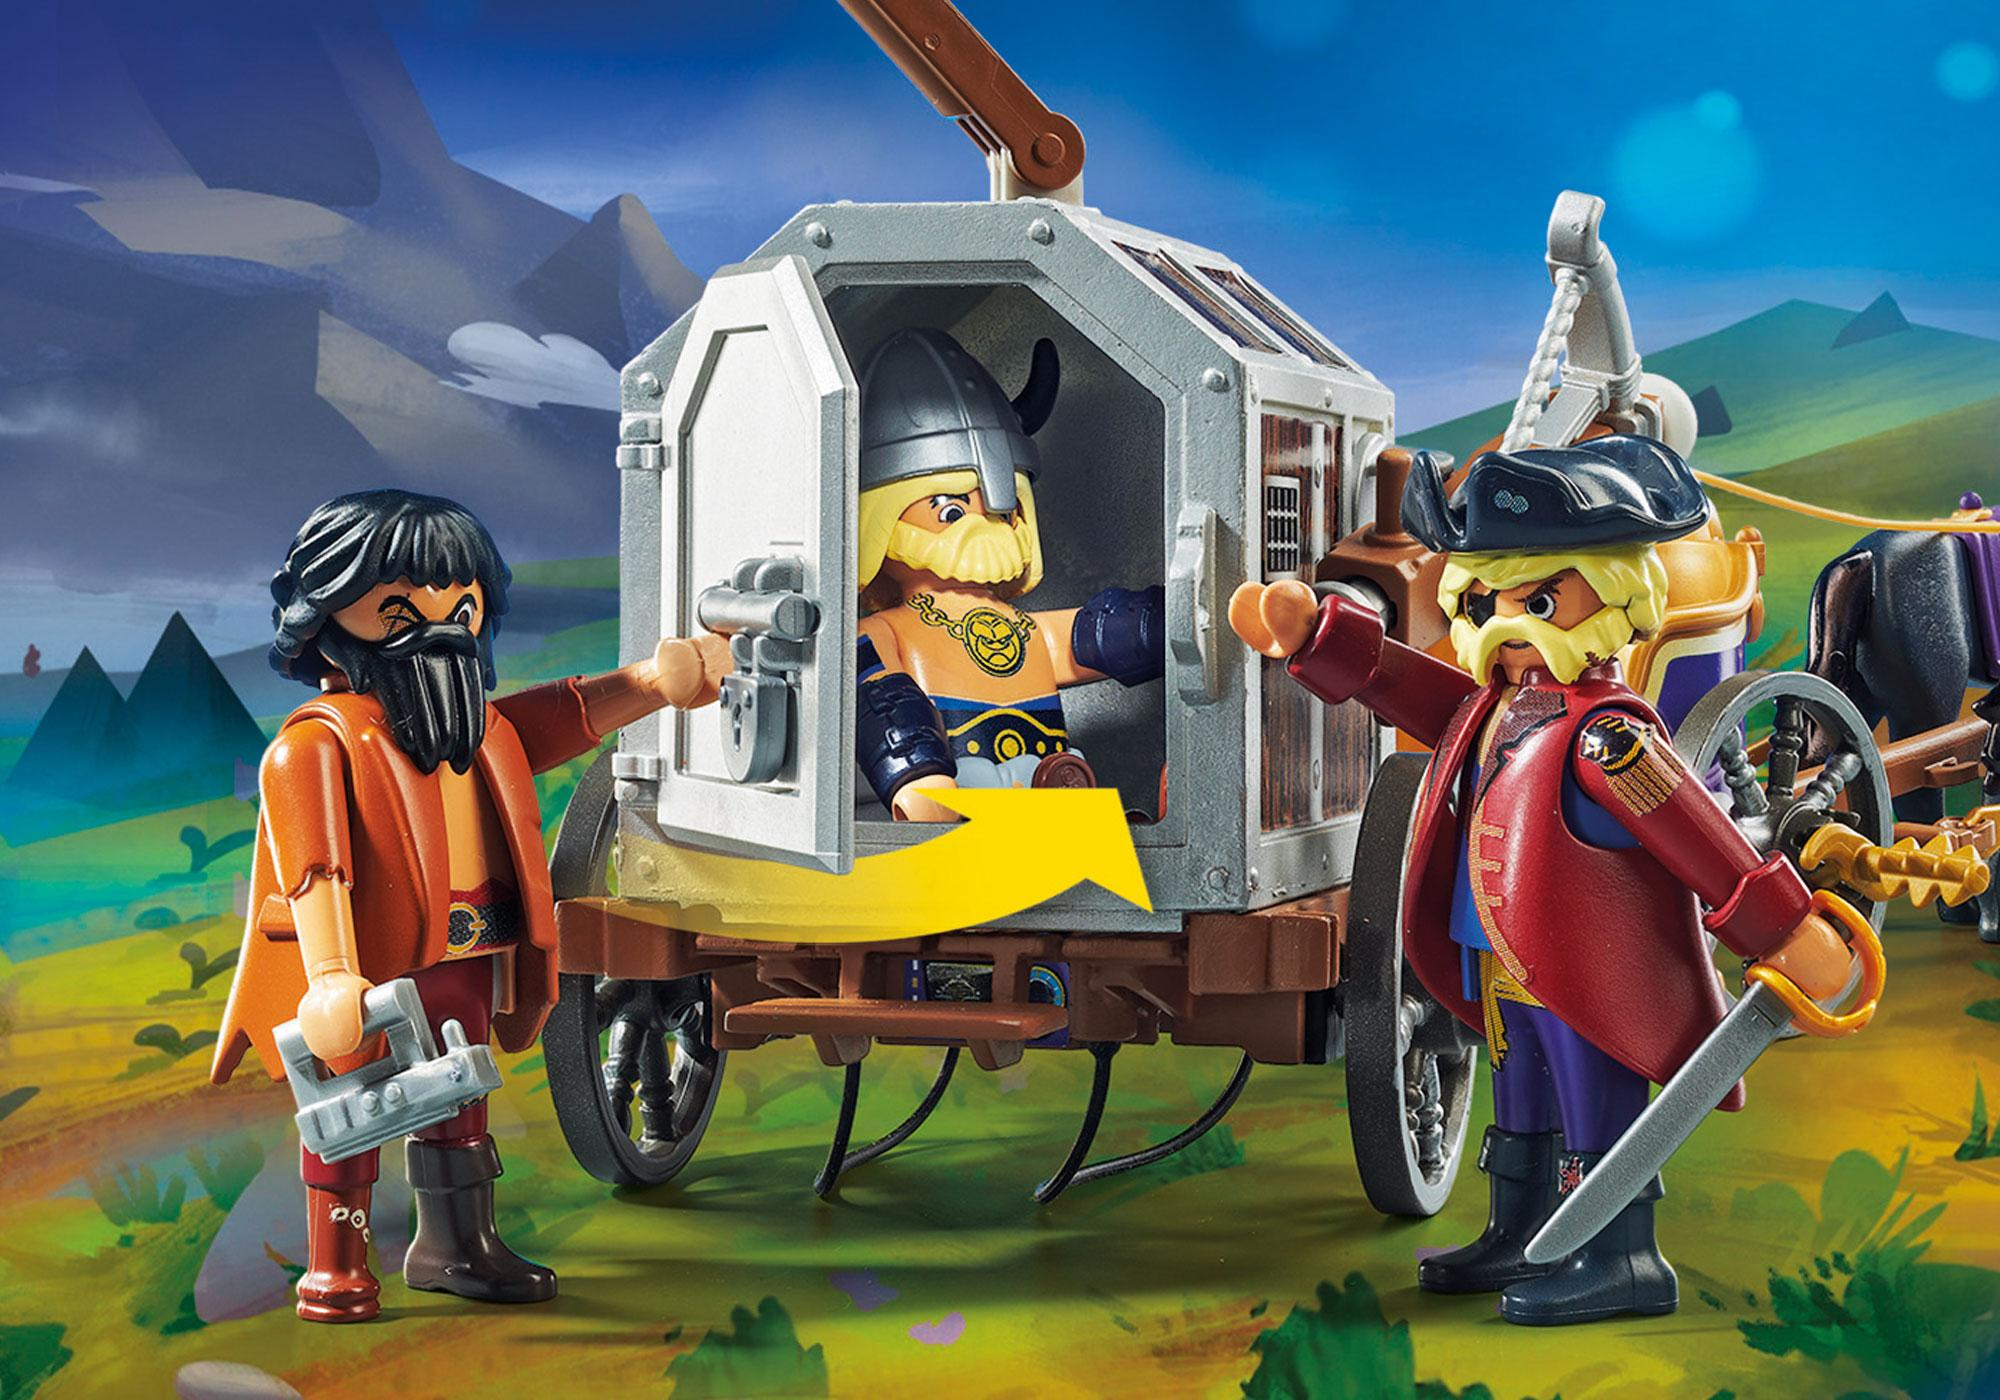 http://media.playmobil.com/i/playmobil/70073_product_extra2/PLAYMOBIL: THE MOVIE Charlie avec convoi de prison